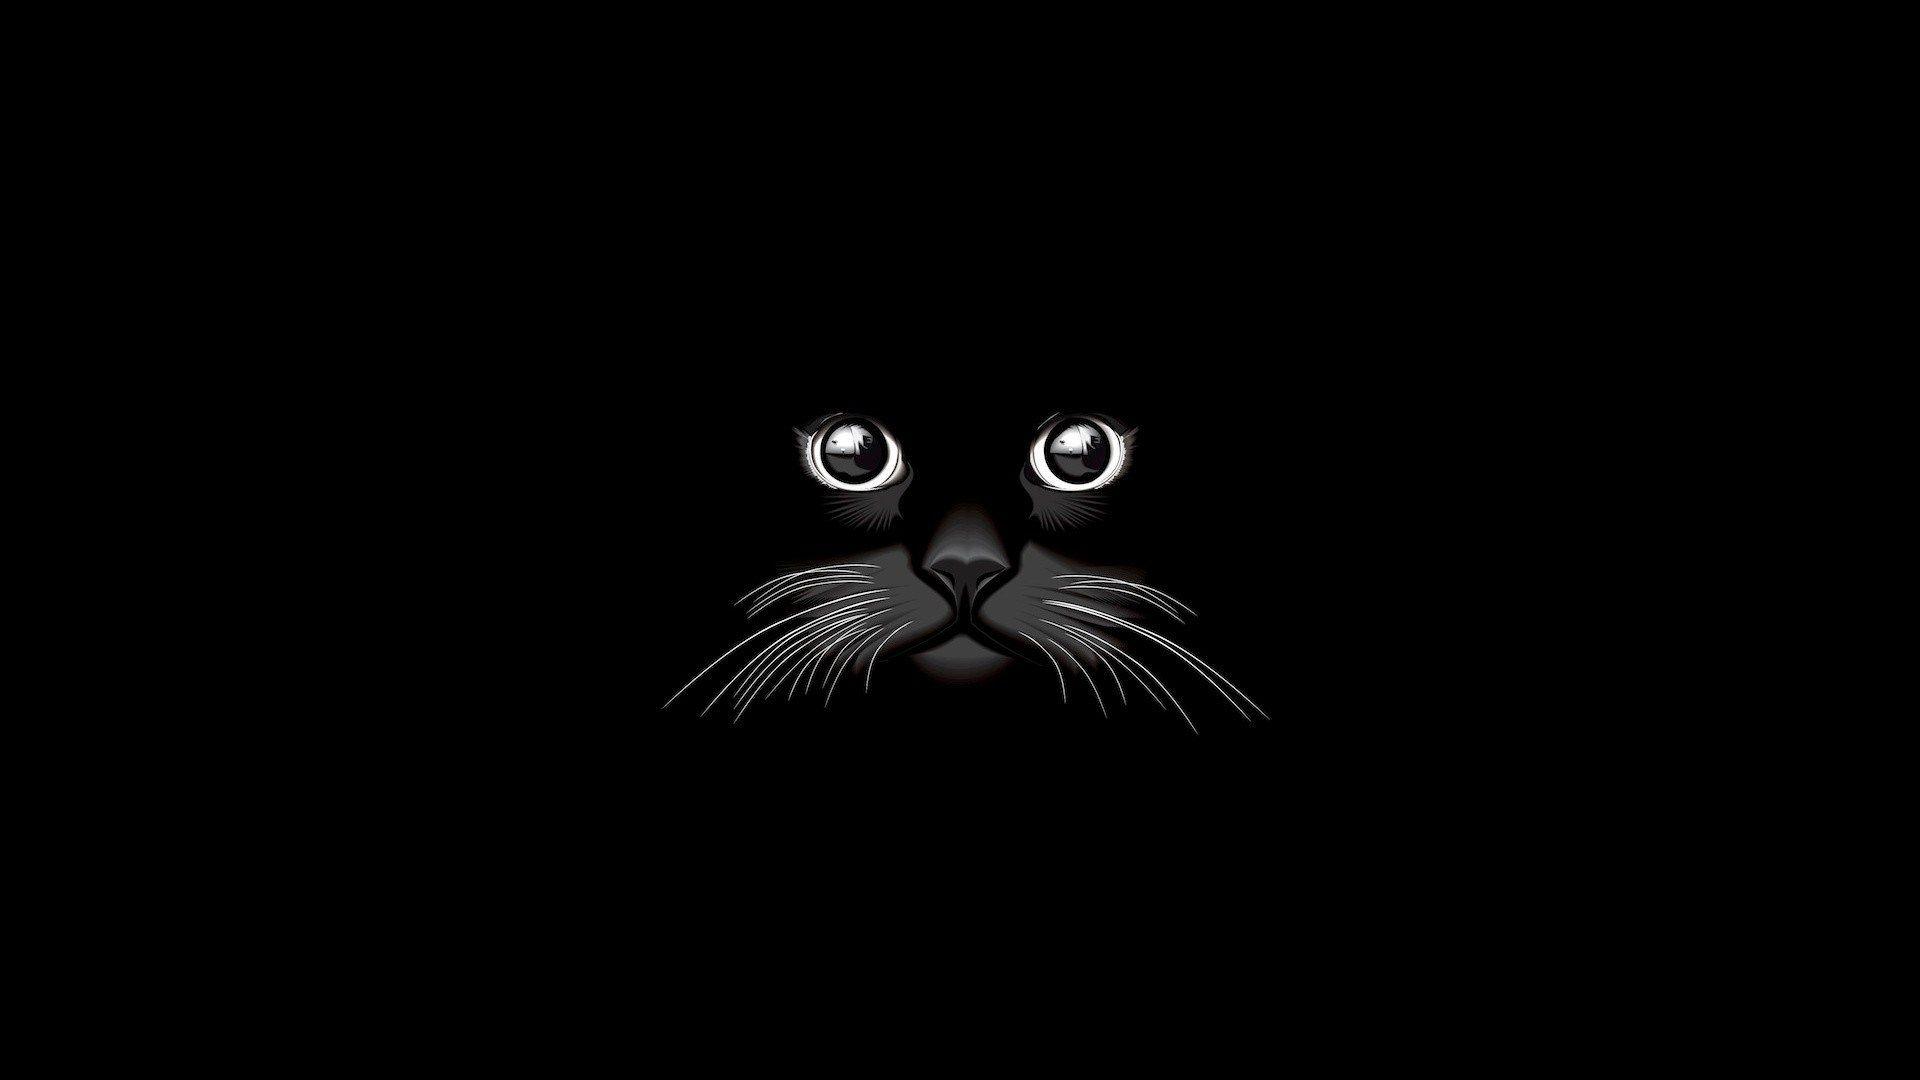 1920x1080 Cat Pc Wallpaper Free Cat Vector Cat Wallpaper Cat Illustration